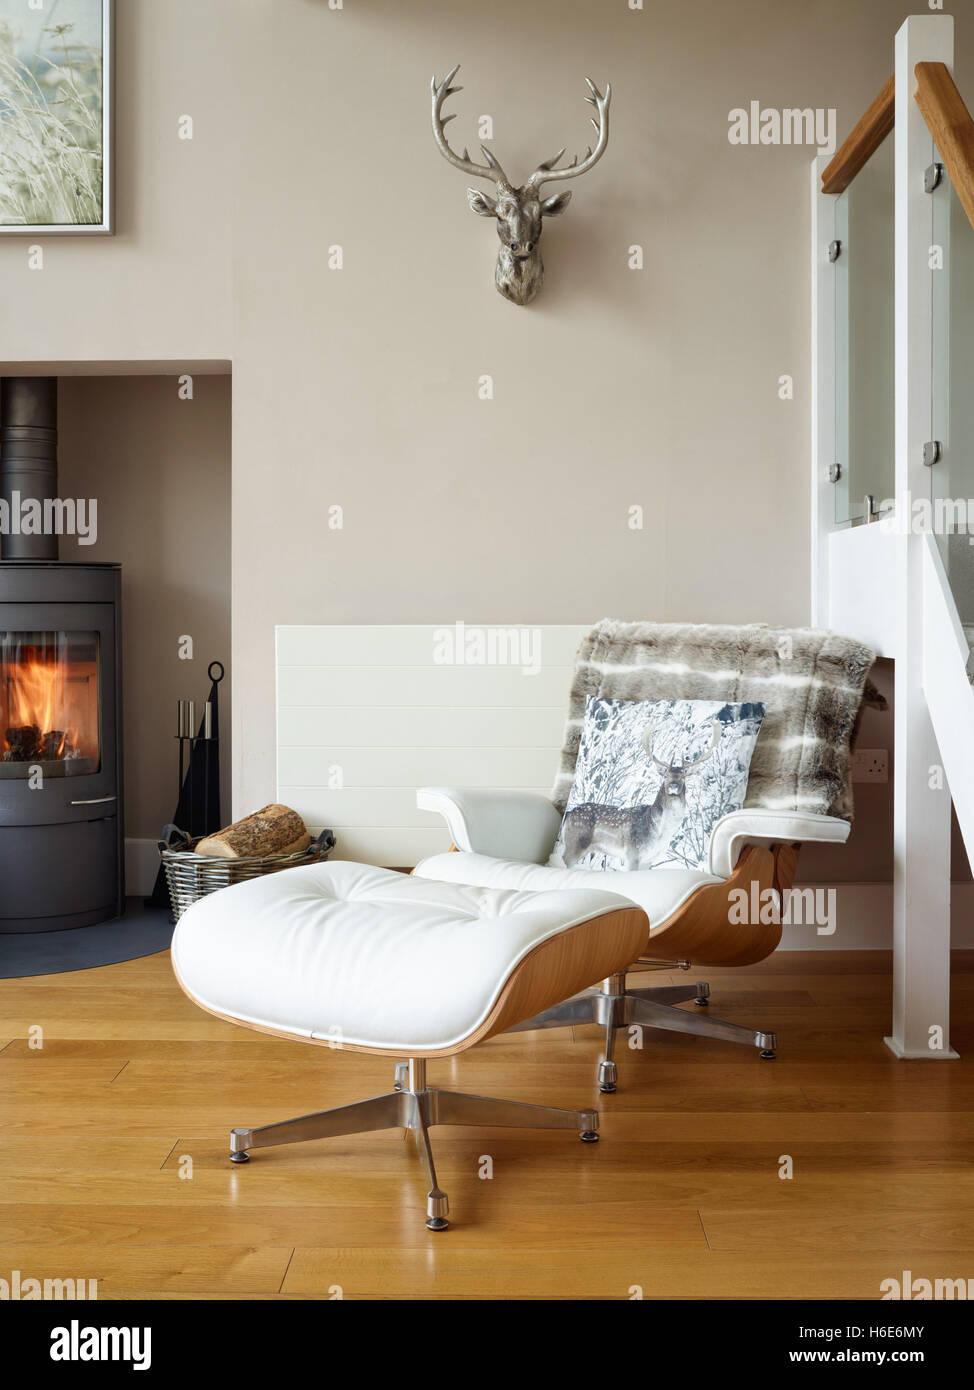 Eine Ikonische Eames Style Leder Sessel U0026 Hocker In Einem Komfortablen  Wohnzimmer Mit Holzofen Stockbild